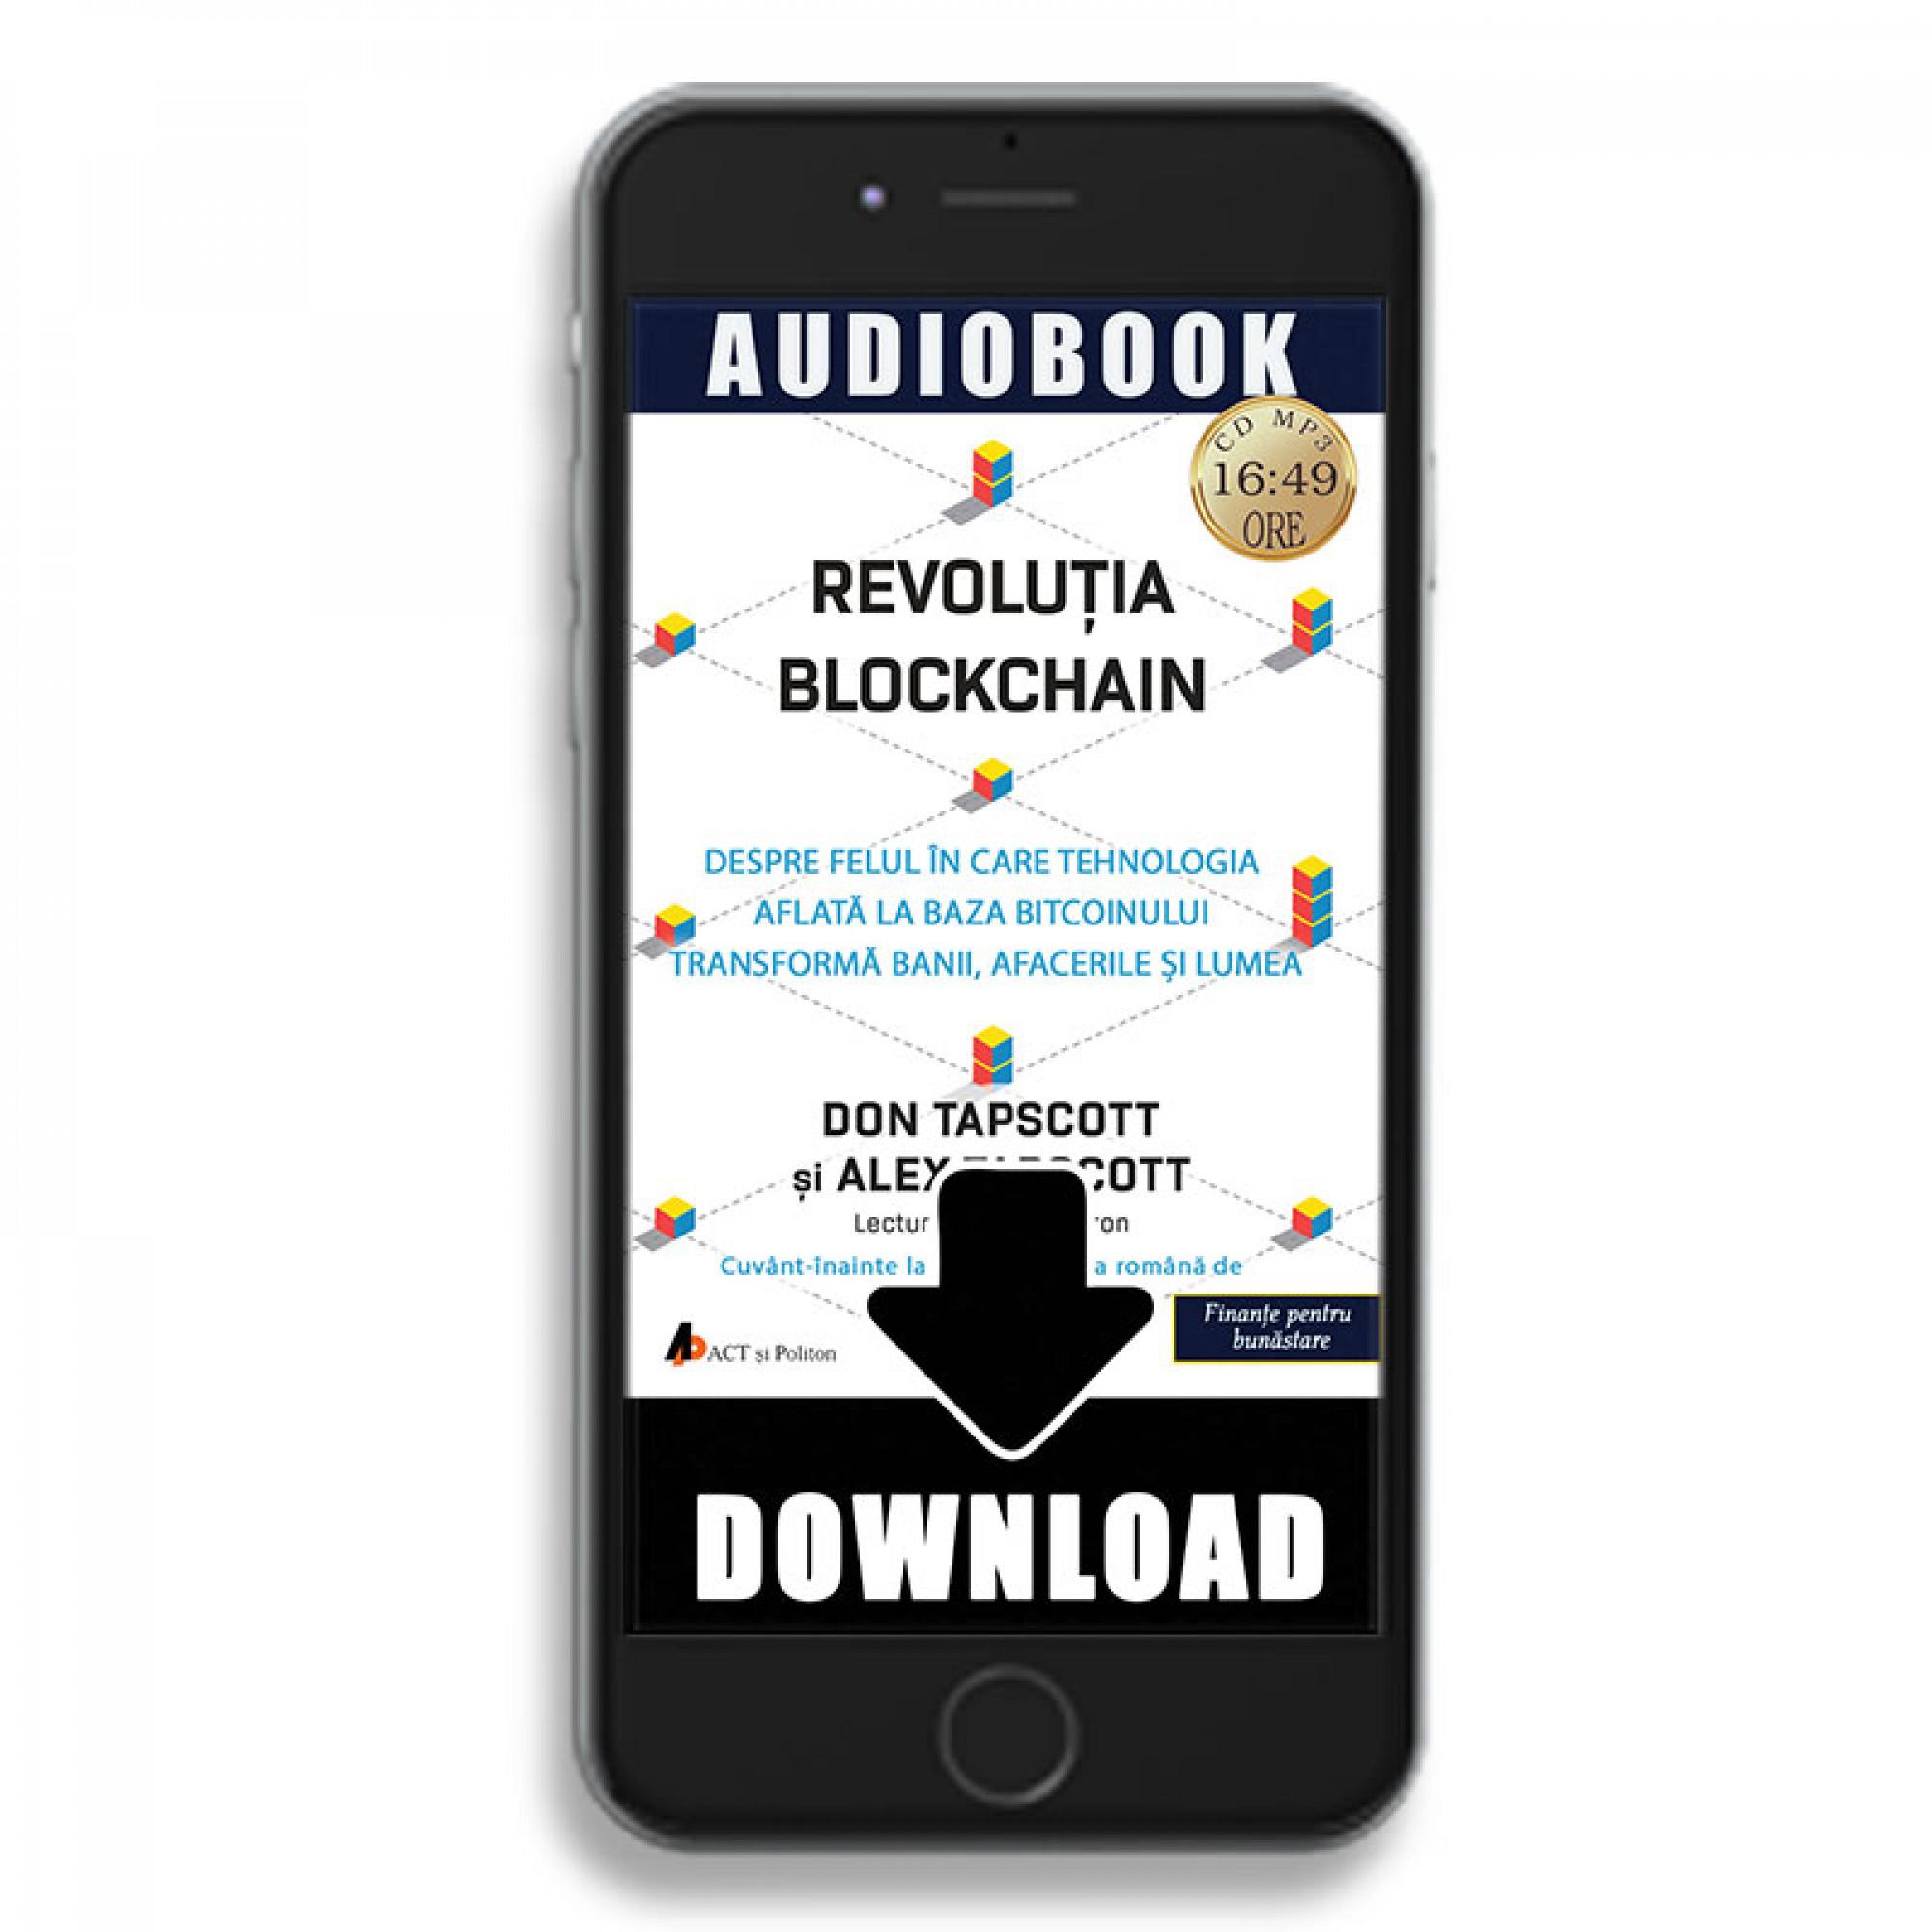 Revoluția Blockchain. Despre felul în care tehnologia aflată la baza bitcoinului transformă banii, afacerile si lumea